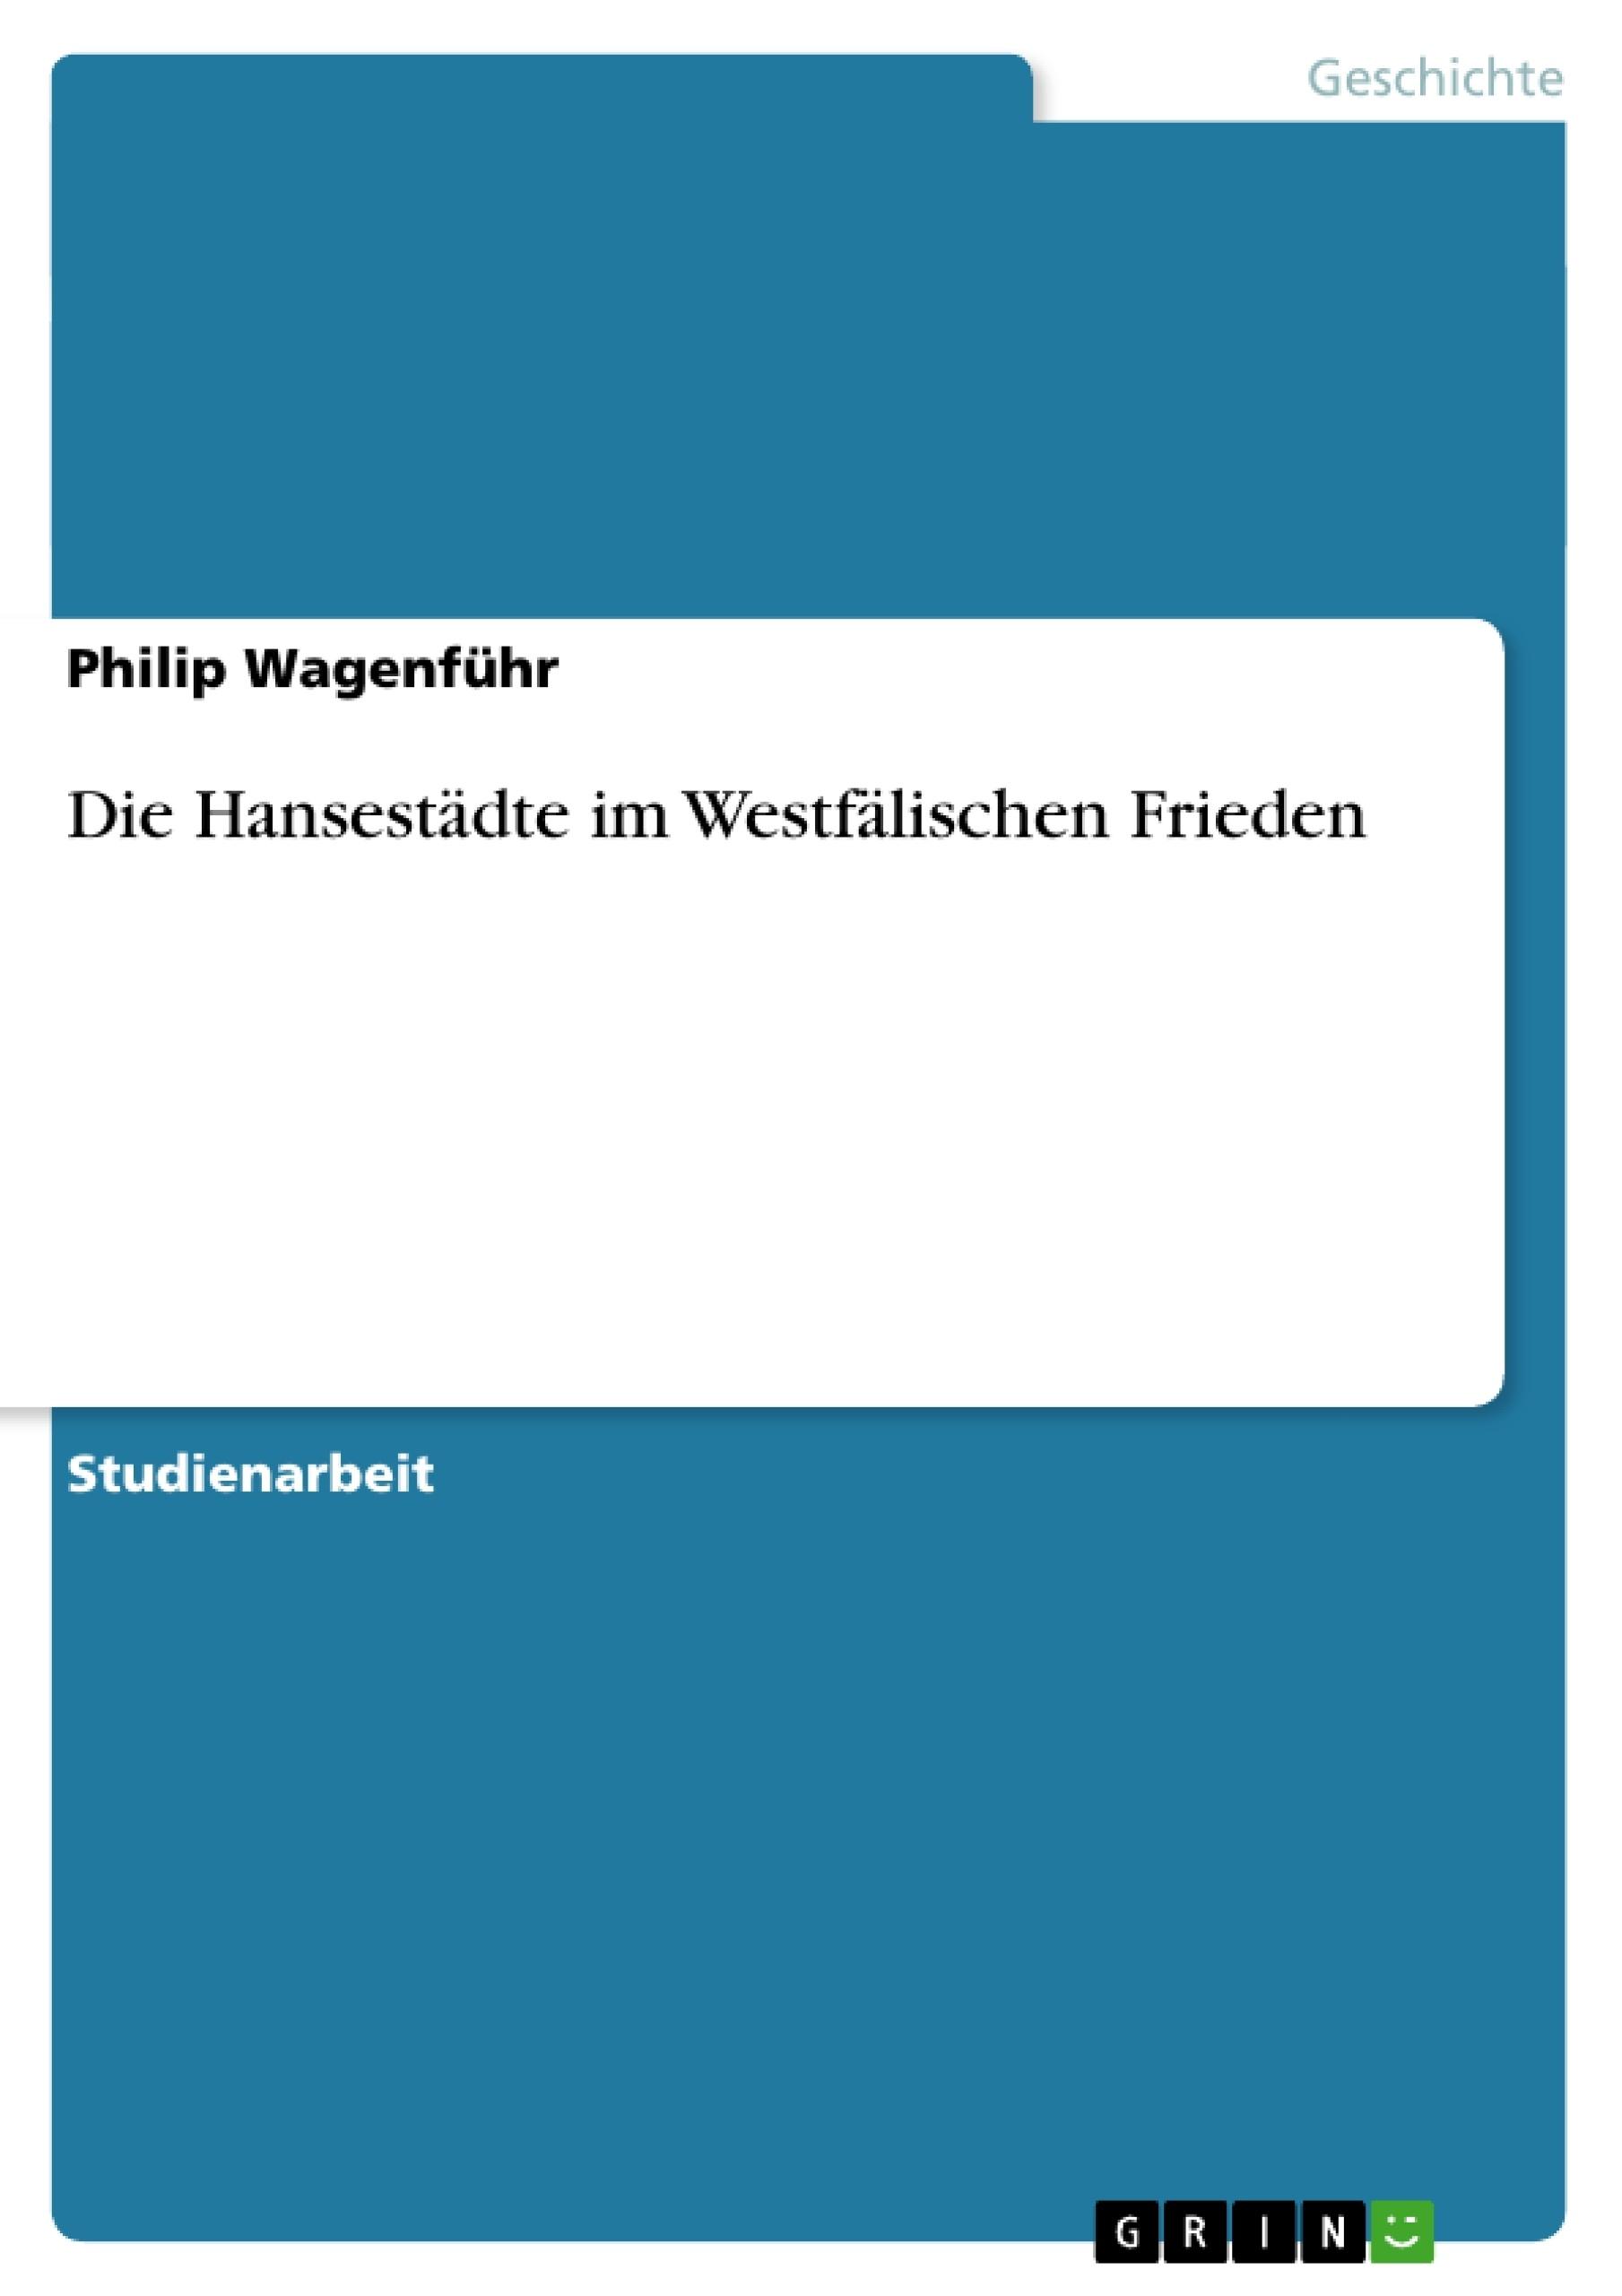 Titel: Die Hansestädte im Westfälischen Frieden